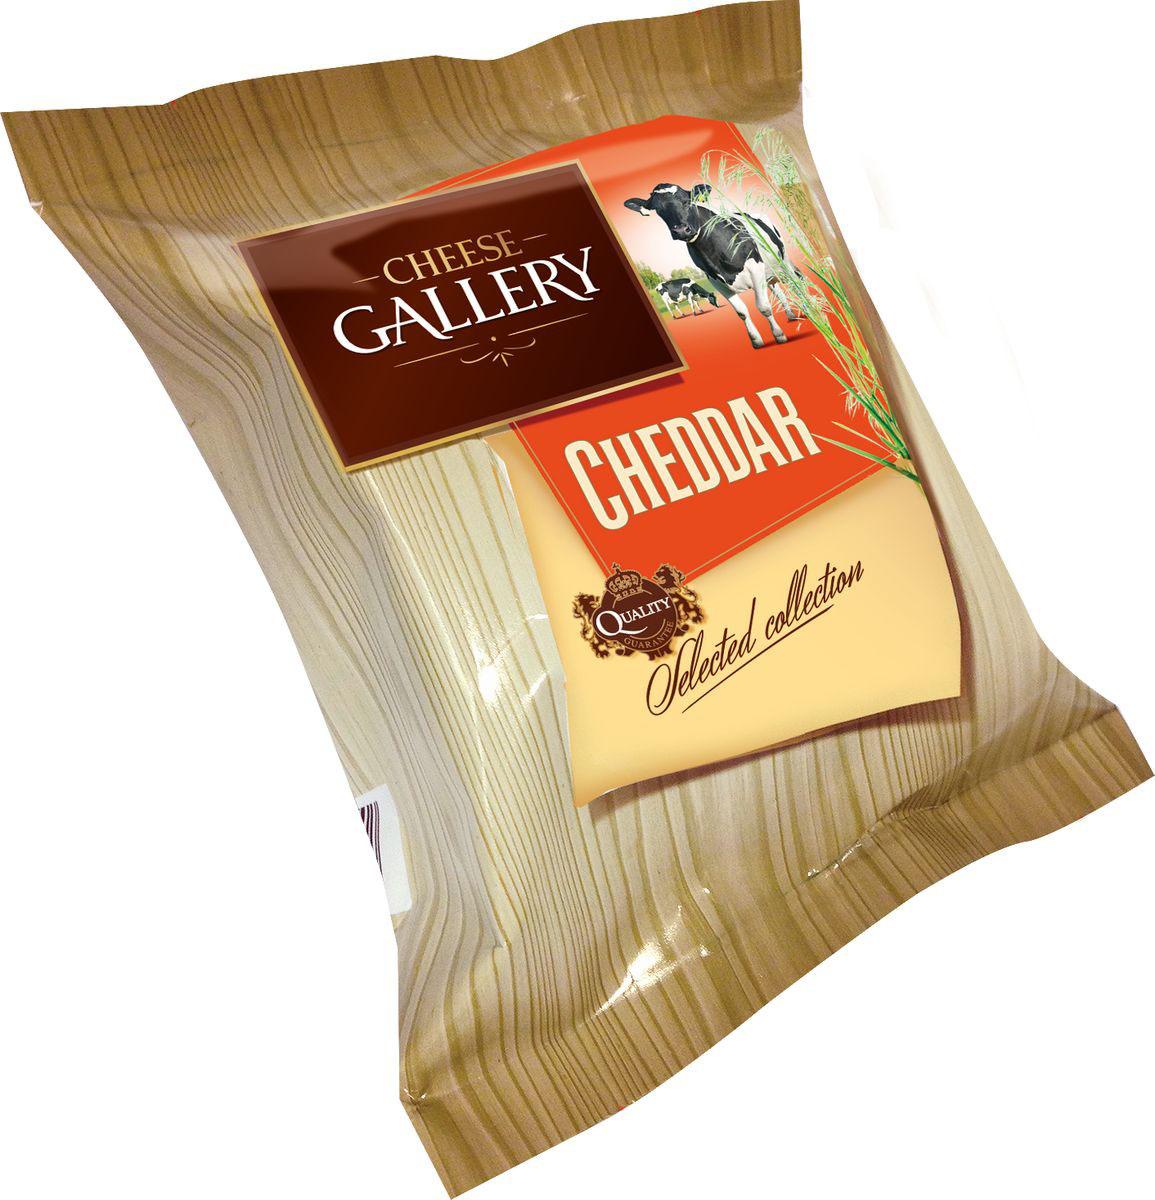 Cheese Gallery Сыр Чеддер красный, 45%, 250 г nuts bank крем ореховый фисташковый 250 г